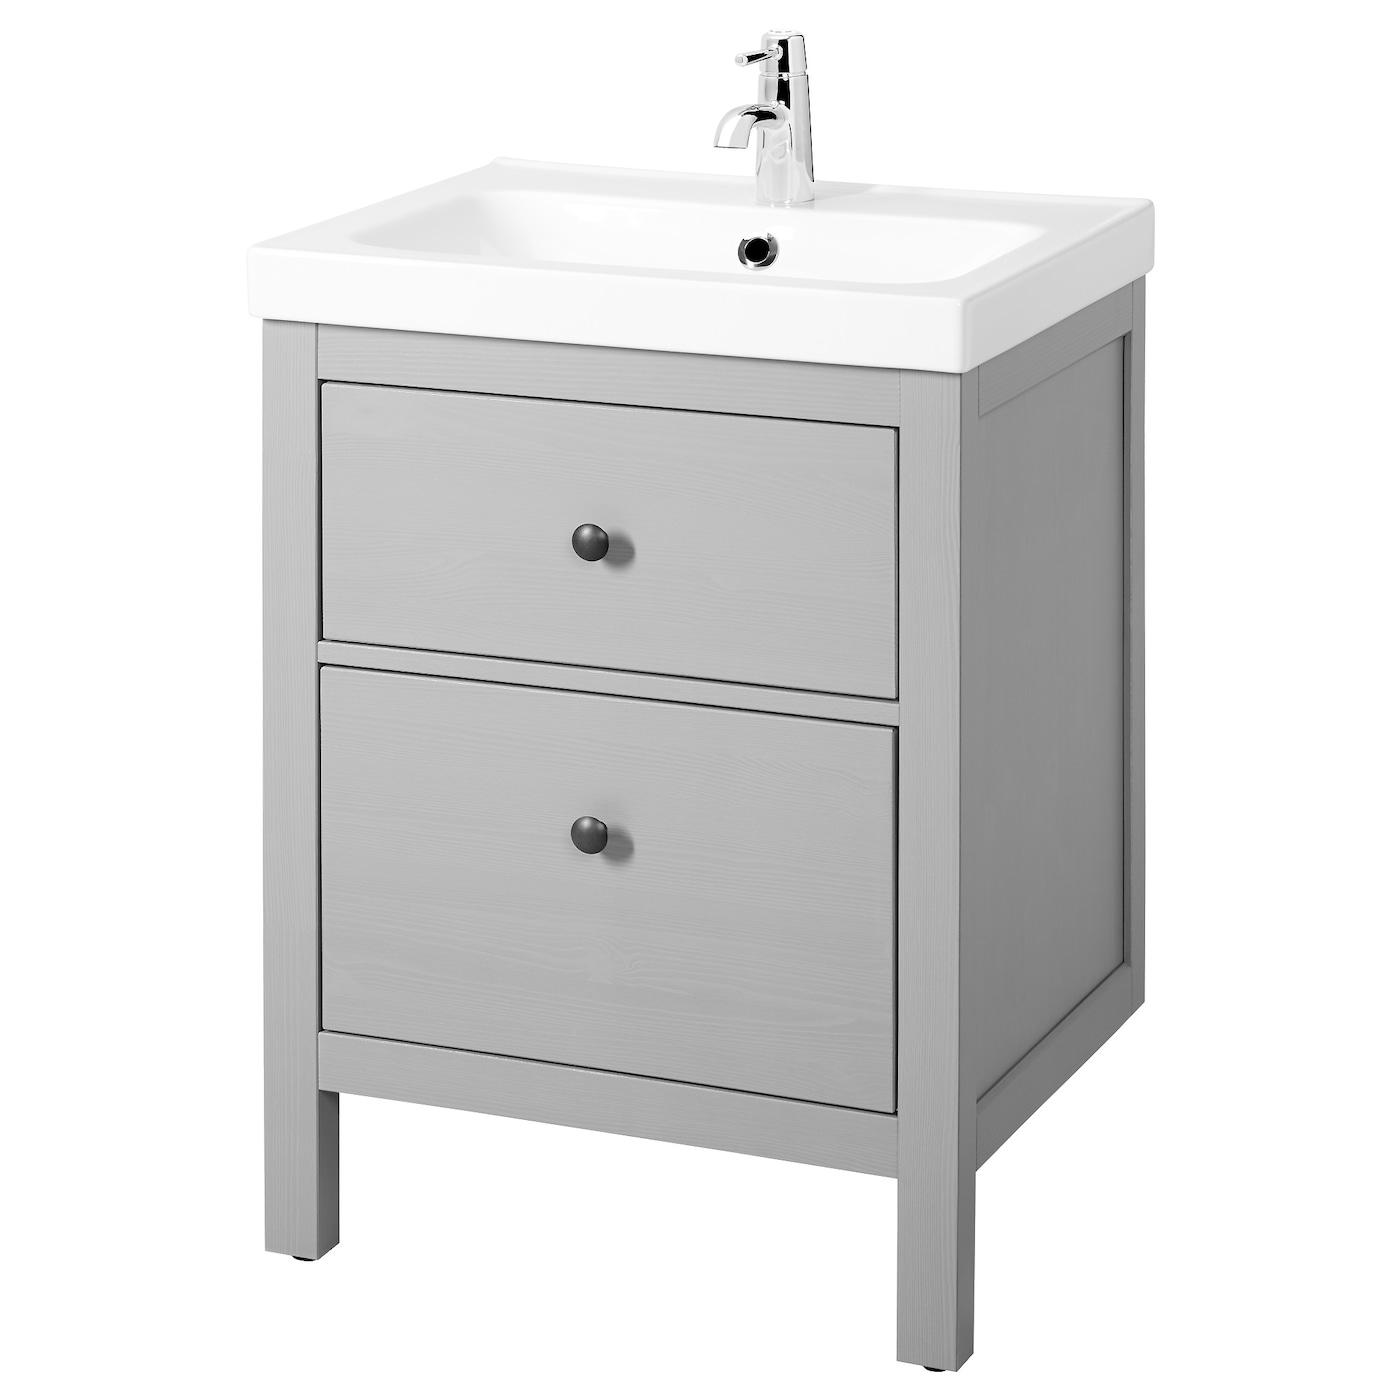 Top Bathroom Sink Cabinets Ikea